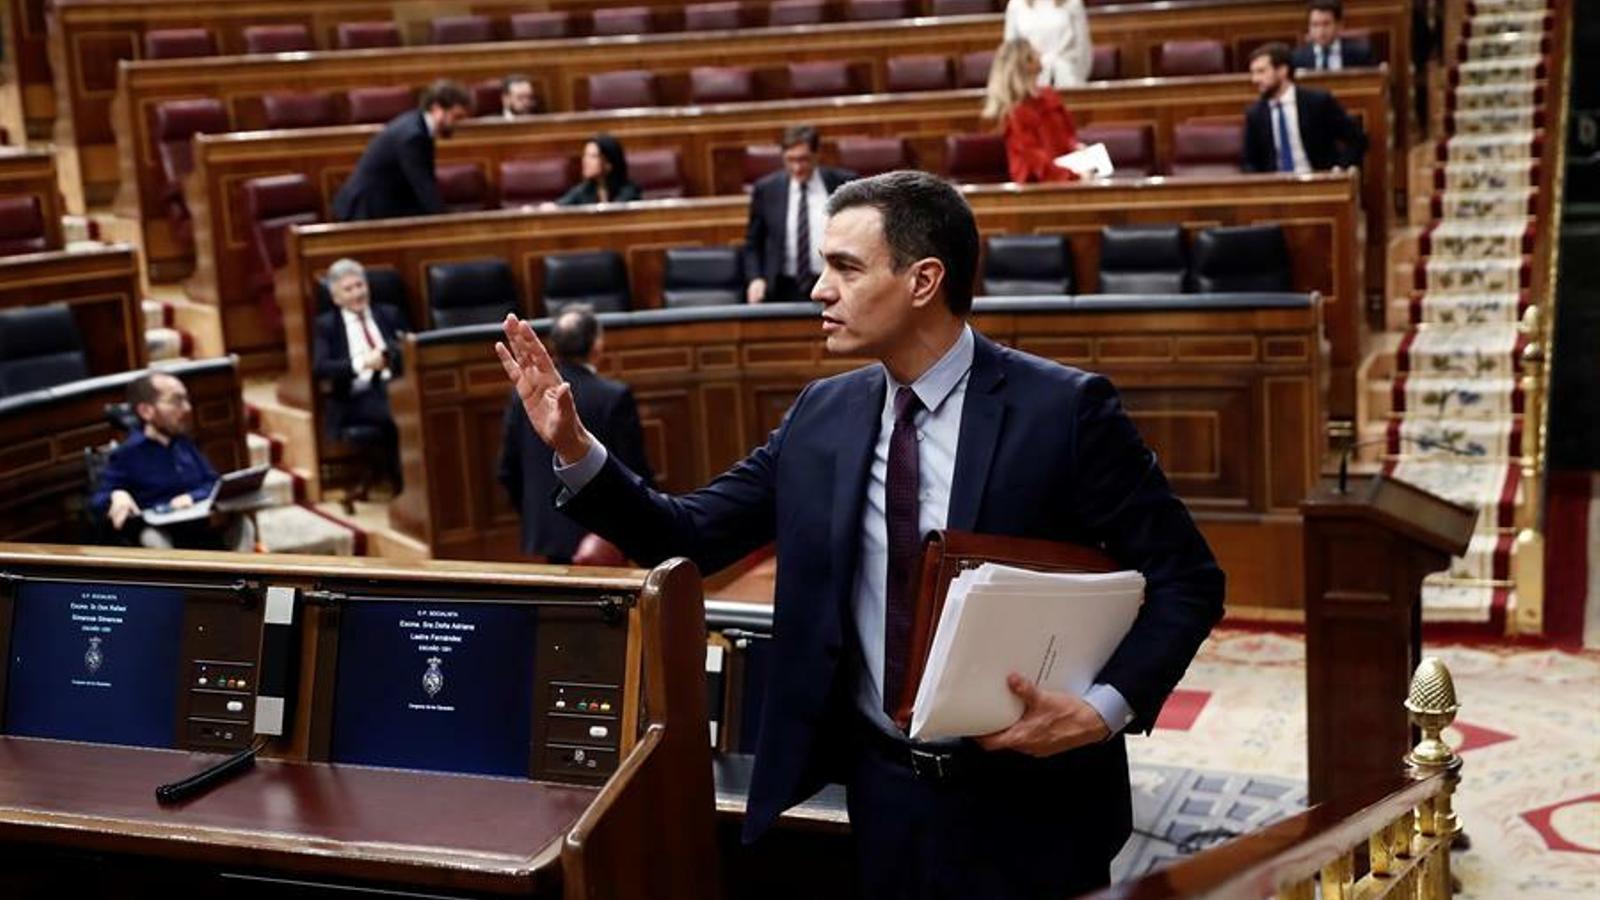 El president del govern espanyol, Pedro Sánchez, en la compareixença al Congrés la setmana passada